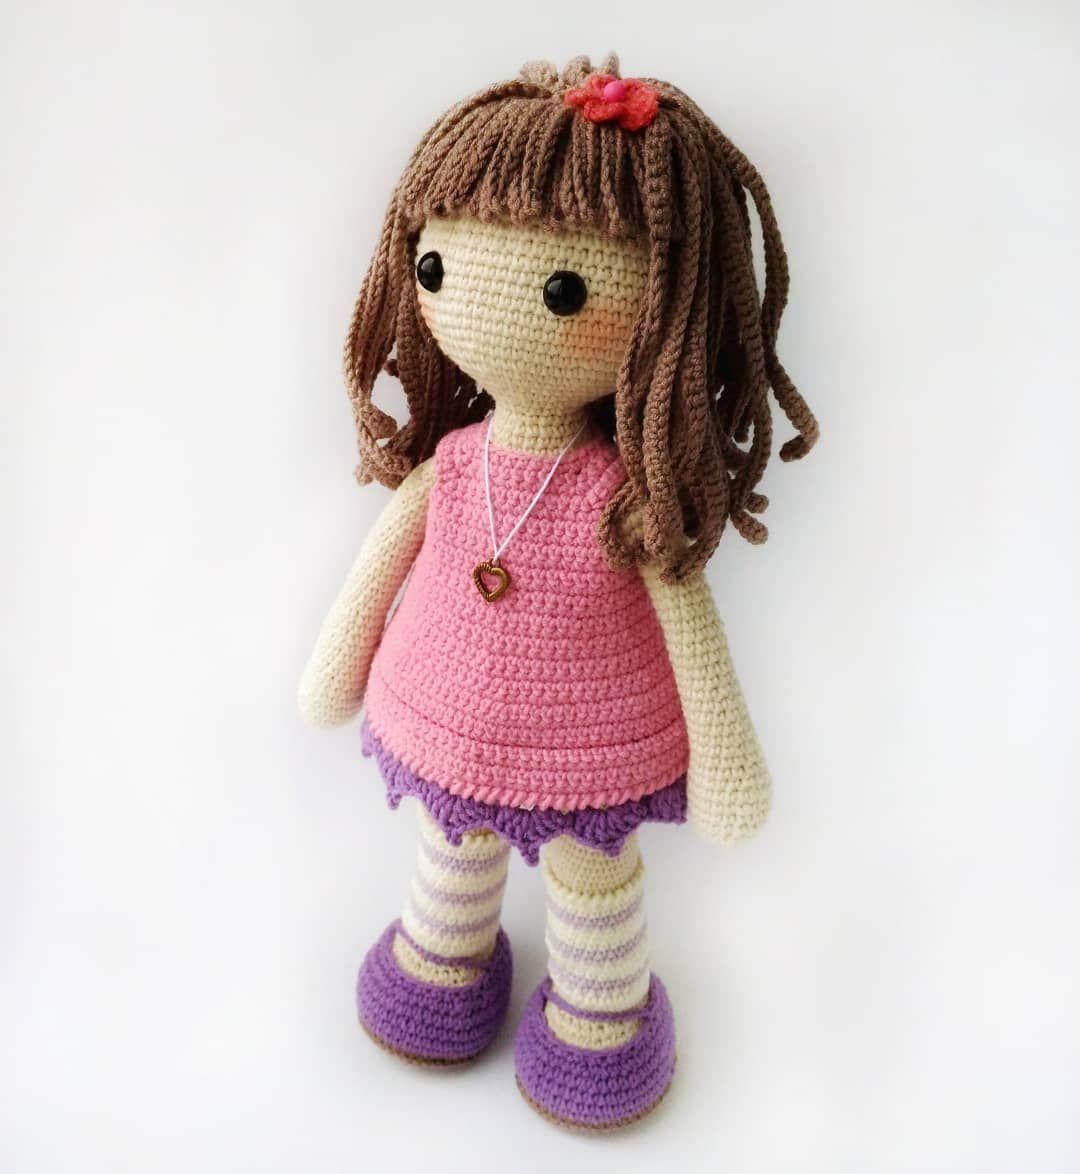 кукла девочка в платье амигуруми вязаная крючком мастер классы по